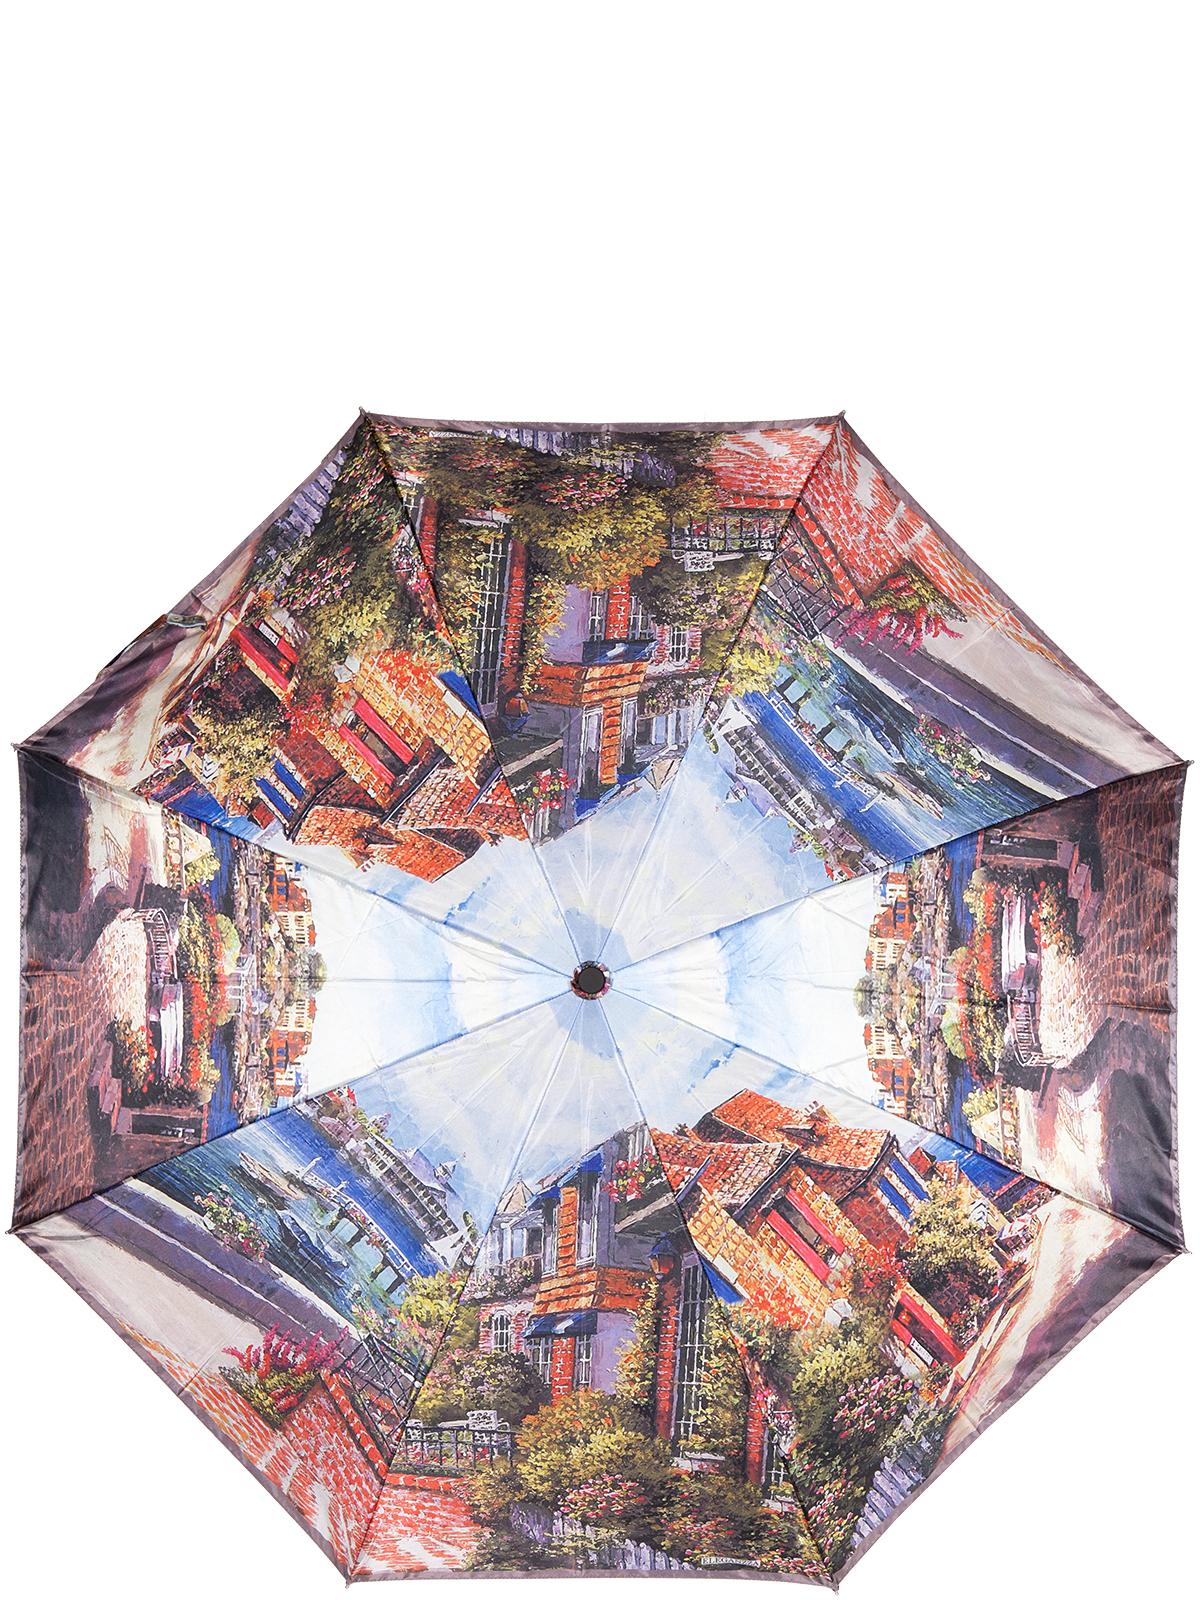 Зонт женский Eleganzza, цвет: коричневый. A3-05-0322LSA3-05-0322LSЖенский зонт-автомат торговой марки Eleganzza с каркасом Smart, который позволяет без особых усилий складывать зонт, не позволяя стержню вылетать обратно. Купол: 100% полиэстер, сатин. Материал каркаса: сталь + фибергласс. Материал ручки: пластик. Длина изделия - 30 см. Диаметр купола - 105 см. Система Smart, не позволяет стержню при сложении вылететь обратно, это облегчает сложение зонта! При сложении есть характерный звук-треск, как трещетка. Примечание: зонт не откроется с кнопки если его не закрыть до щелчка.